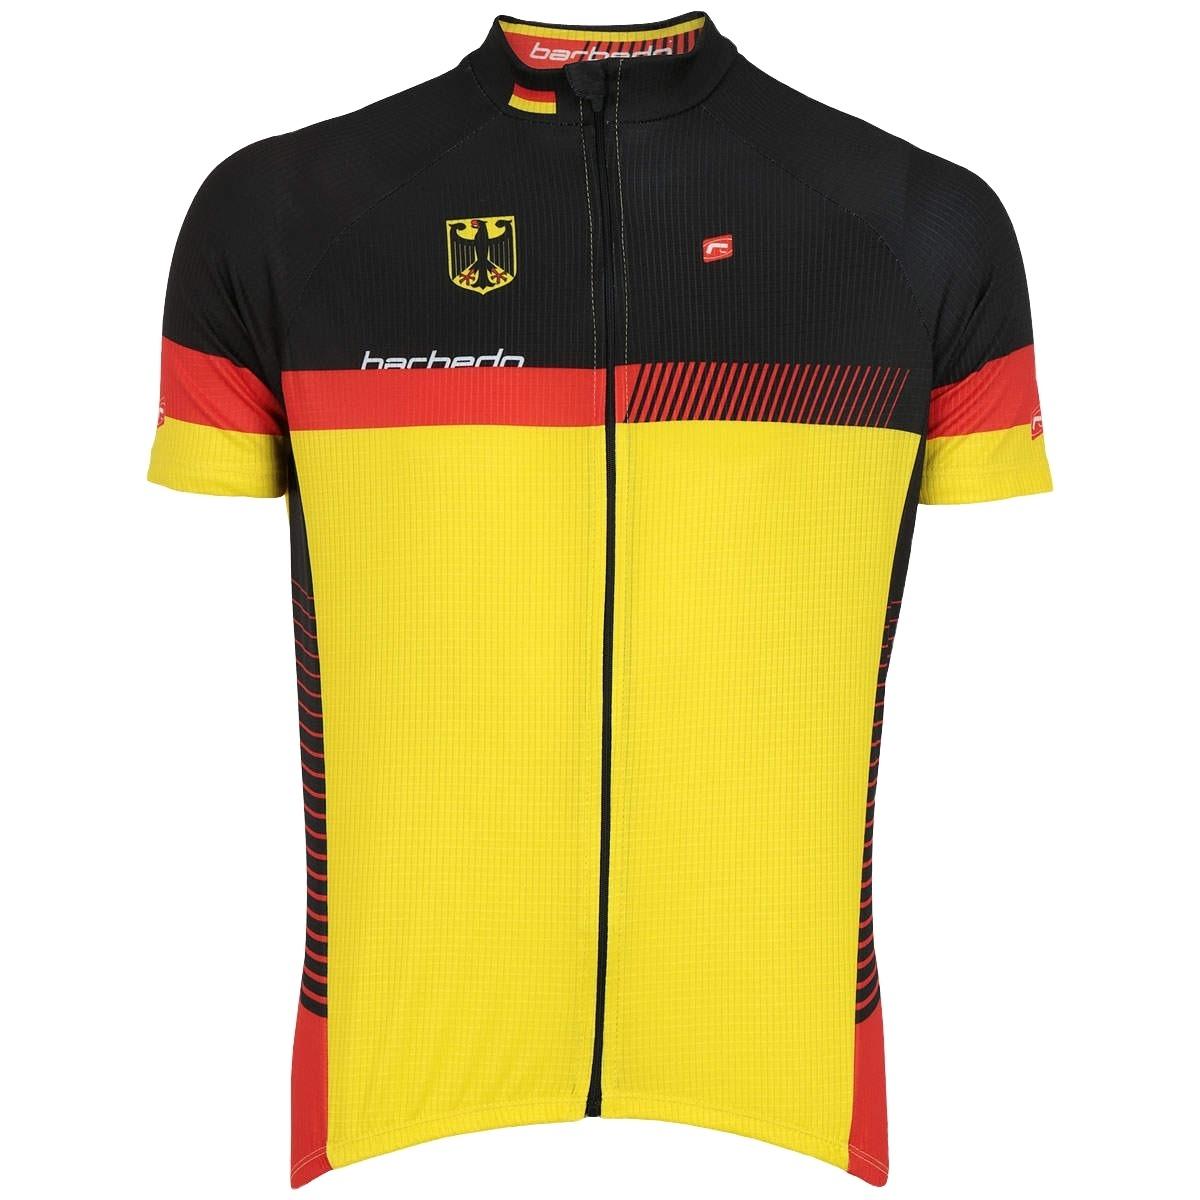 e849d83579f8b camisa ciclismo barbedo classic alemanha - p. Carregando zoom.